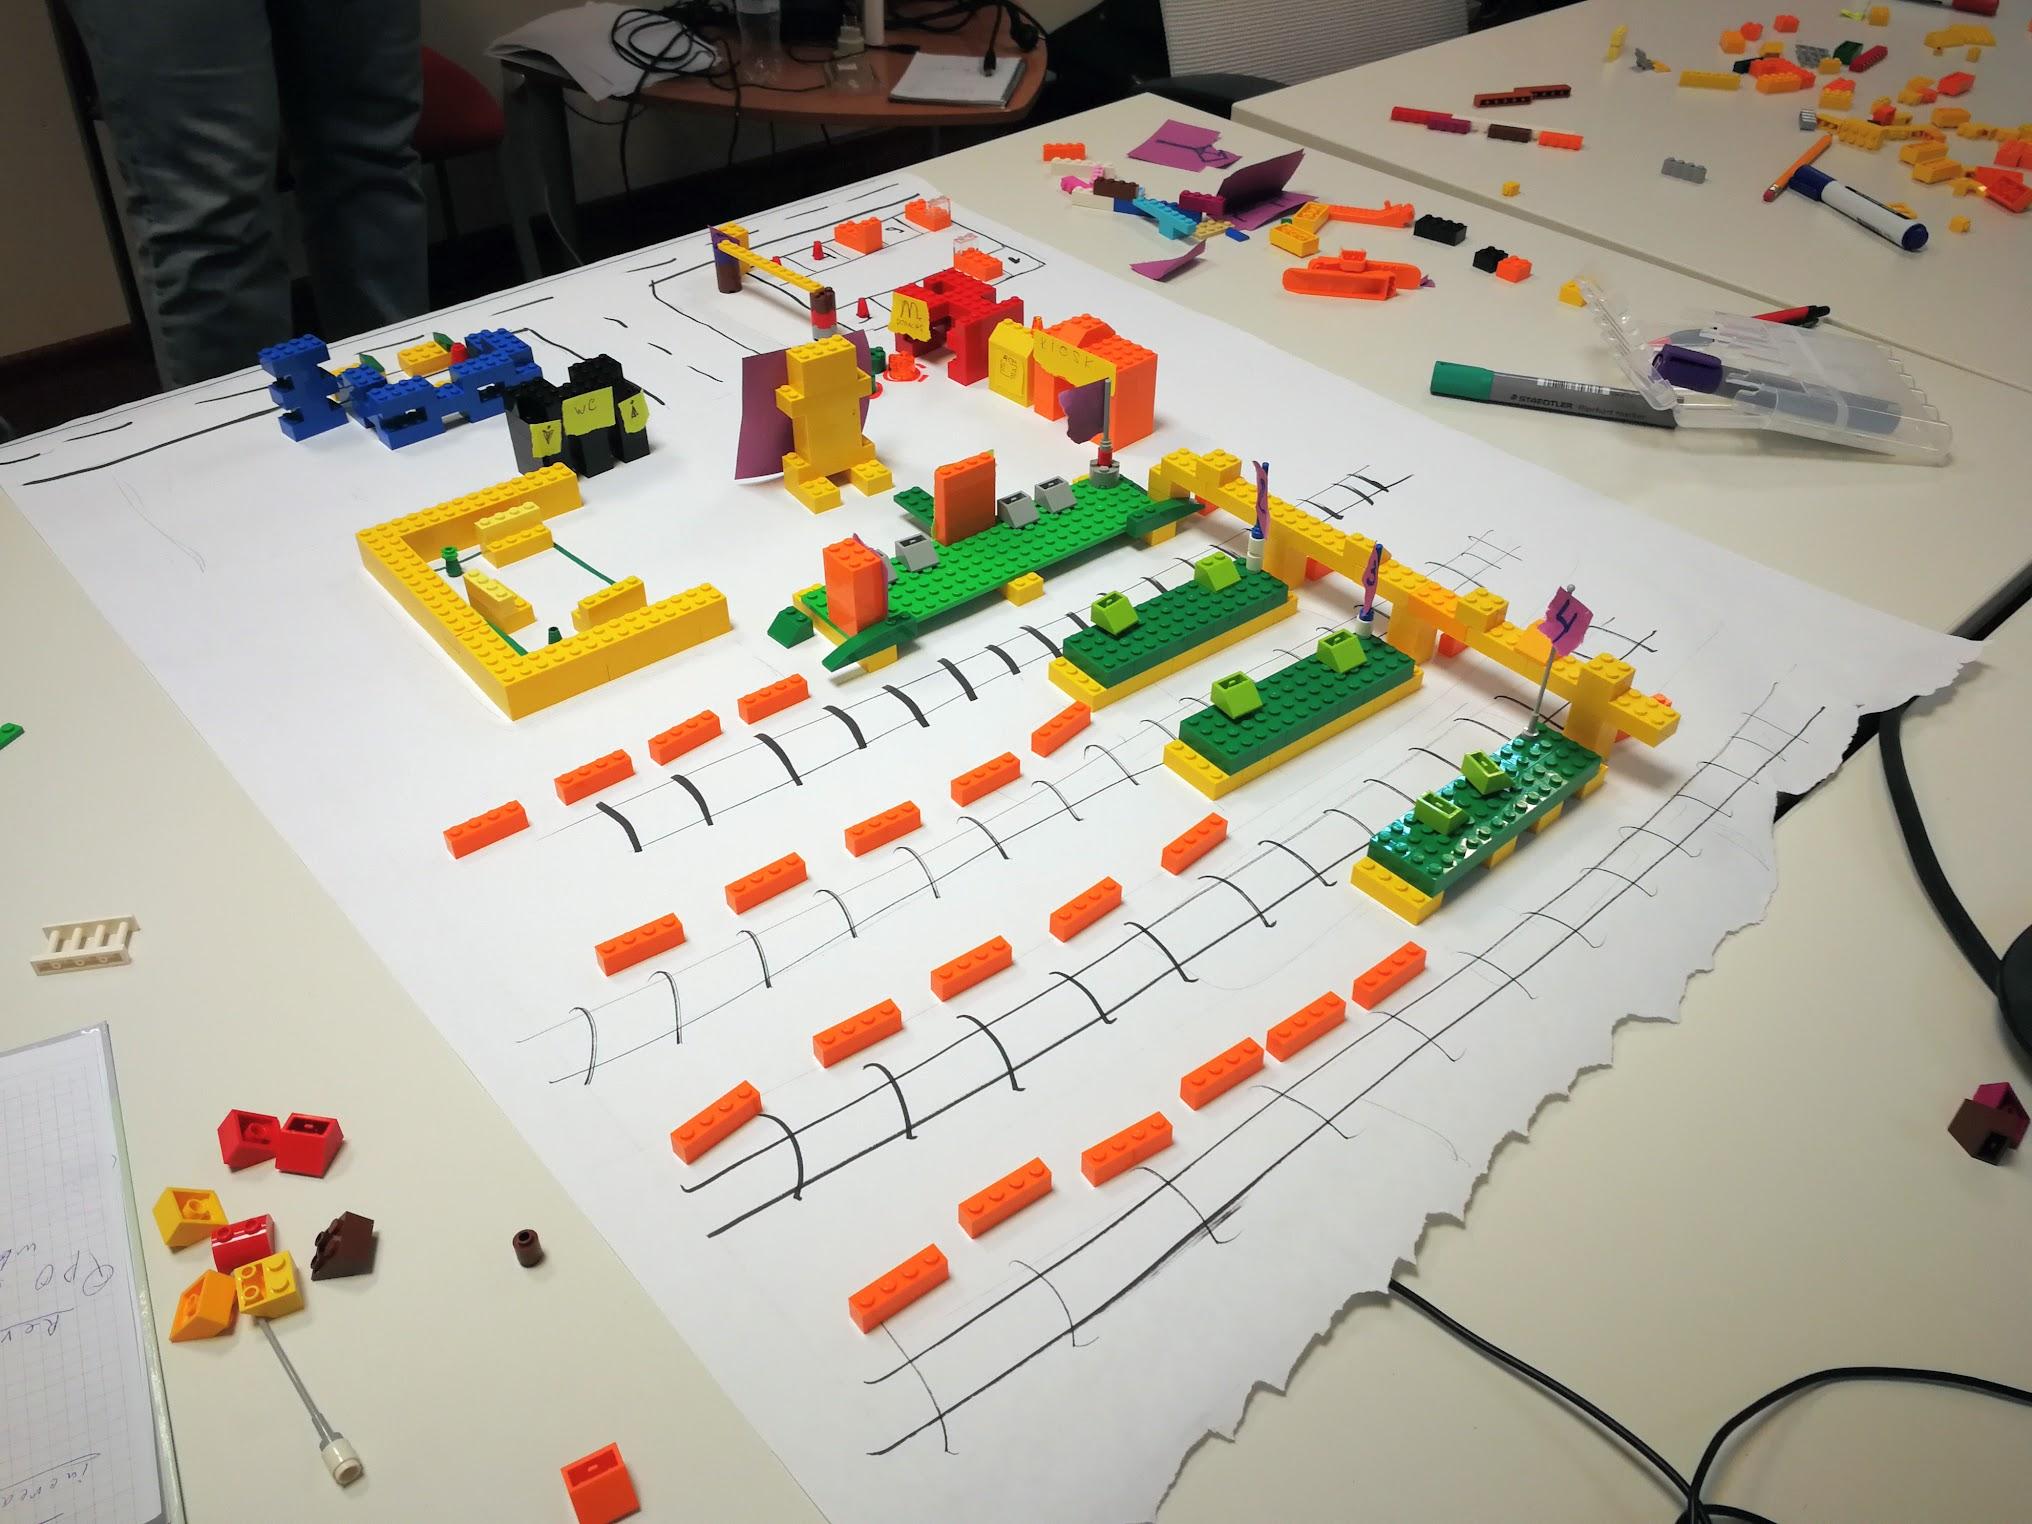 Agile Spiele folge 48: spiele für agile (workshops) - teil 1: scrum